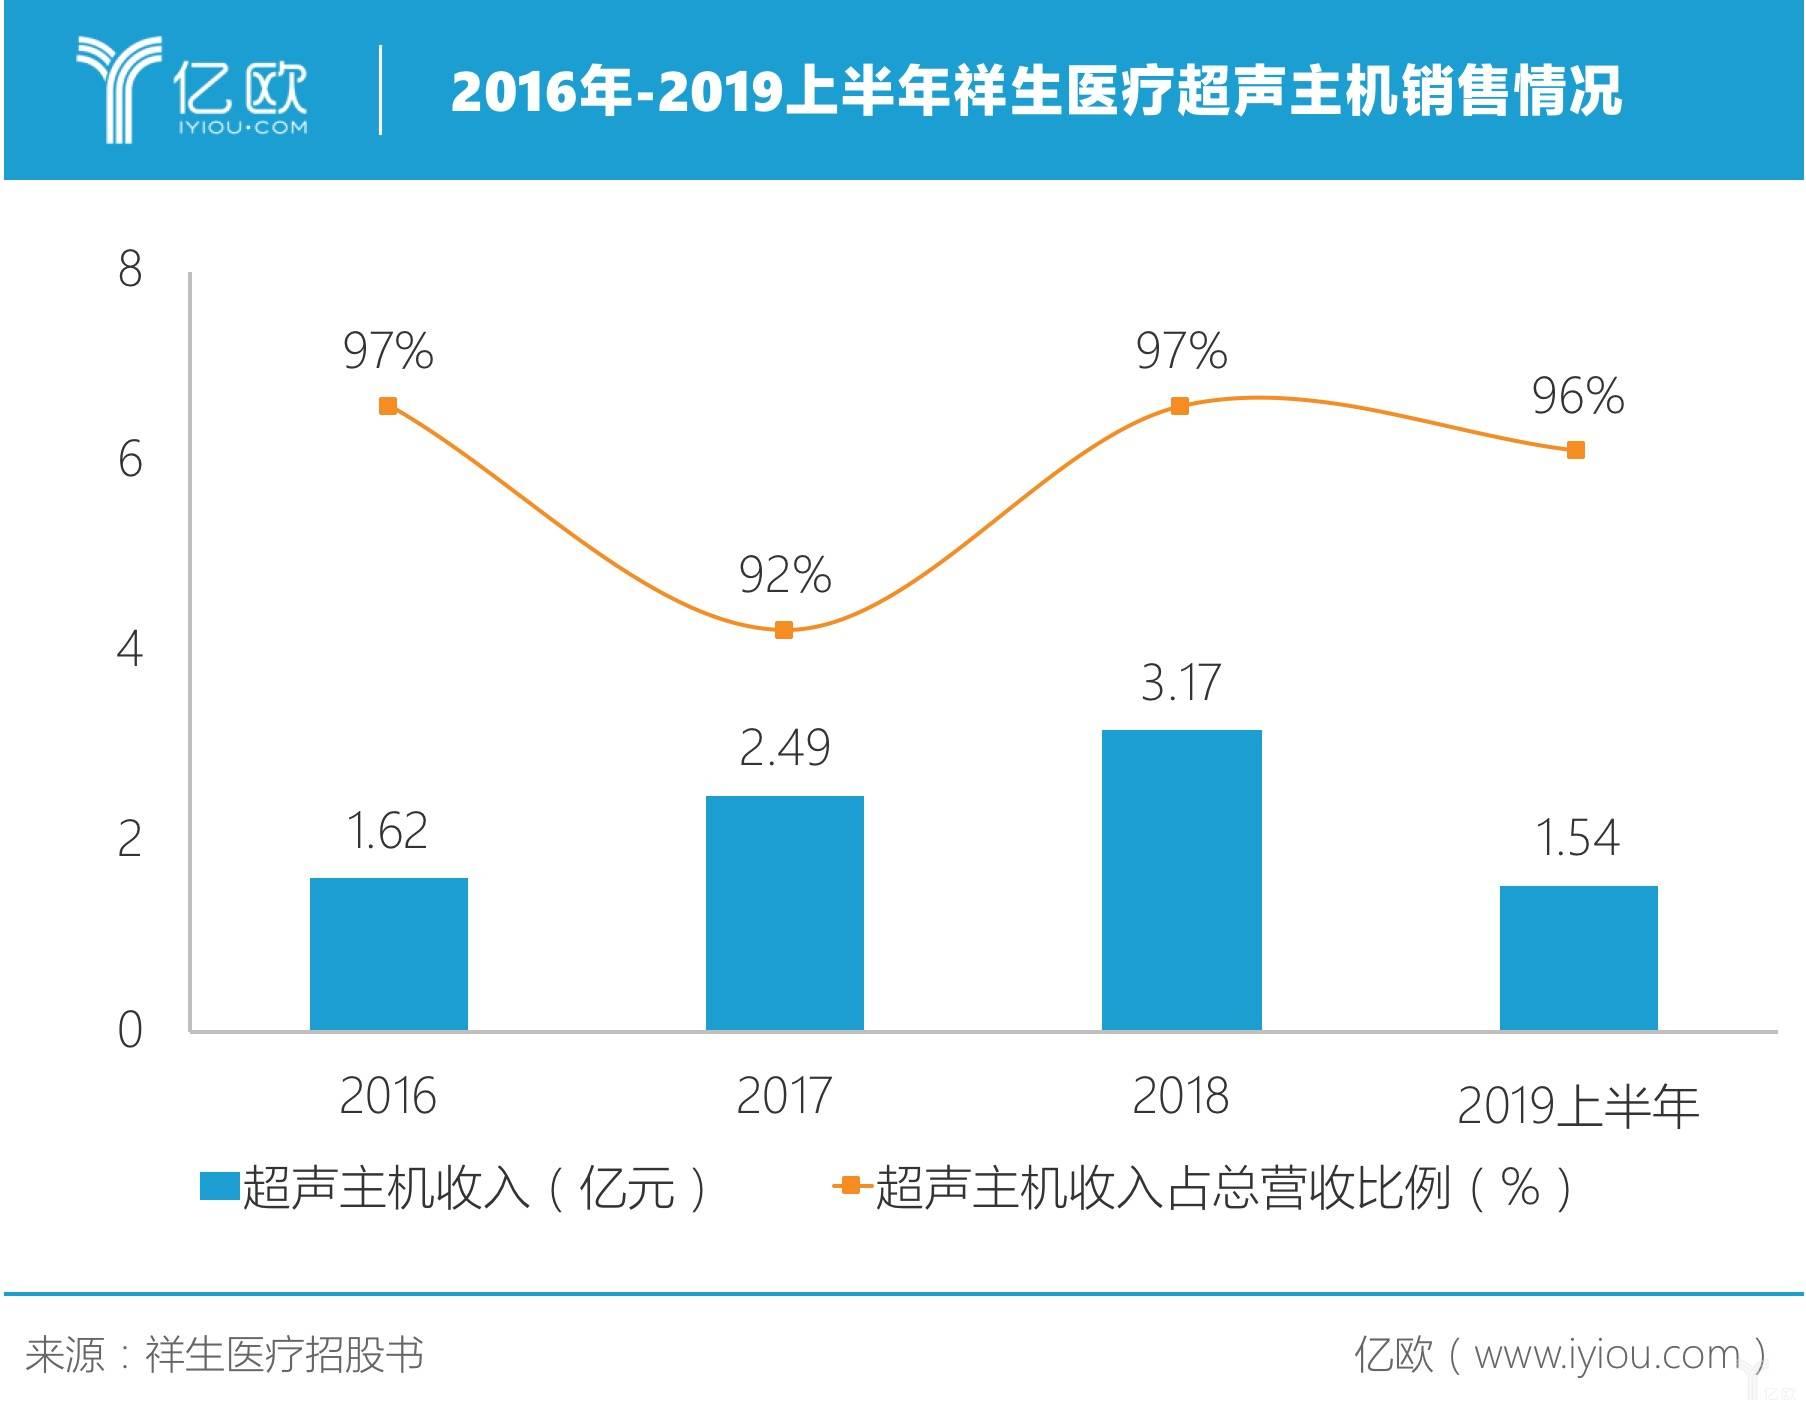 2016-2019上半年祥生医疗超声主机销售情况